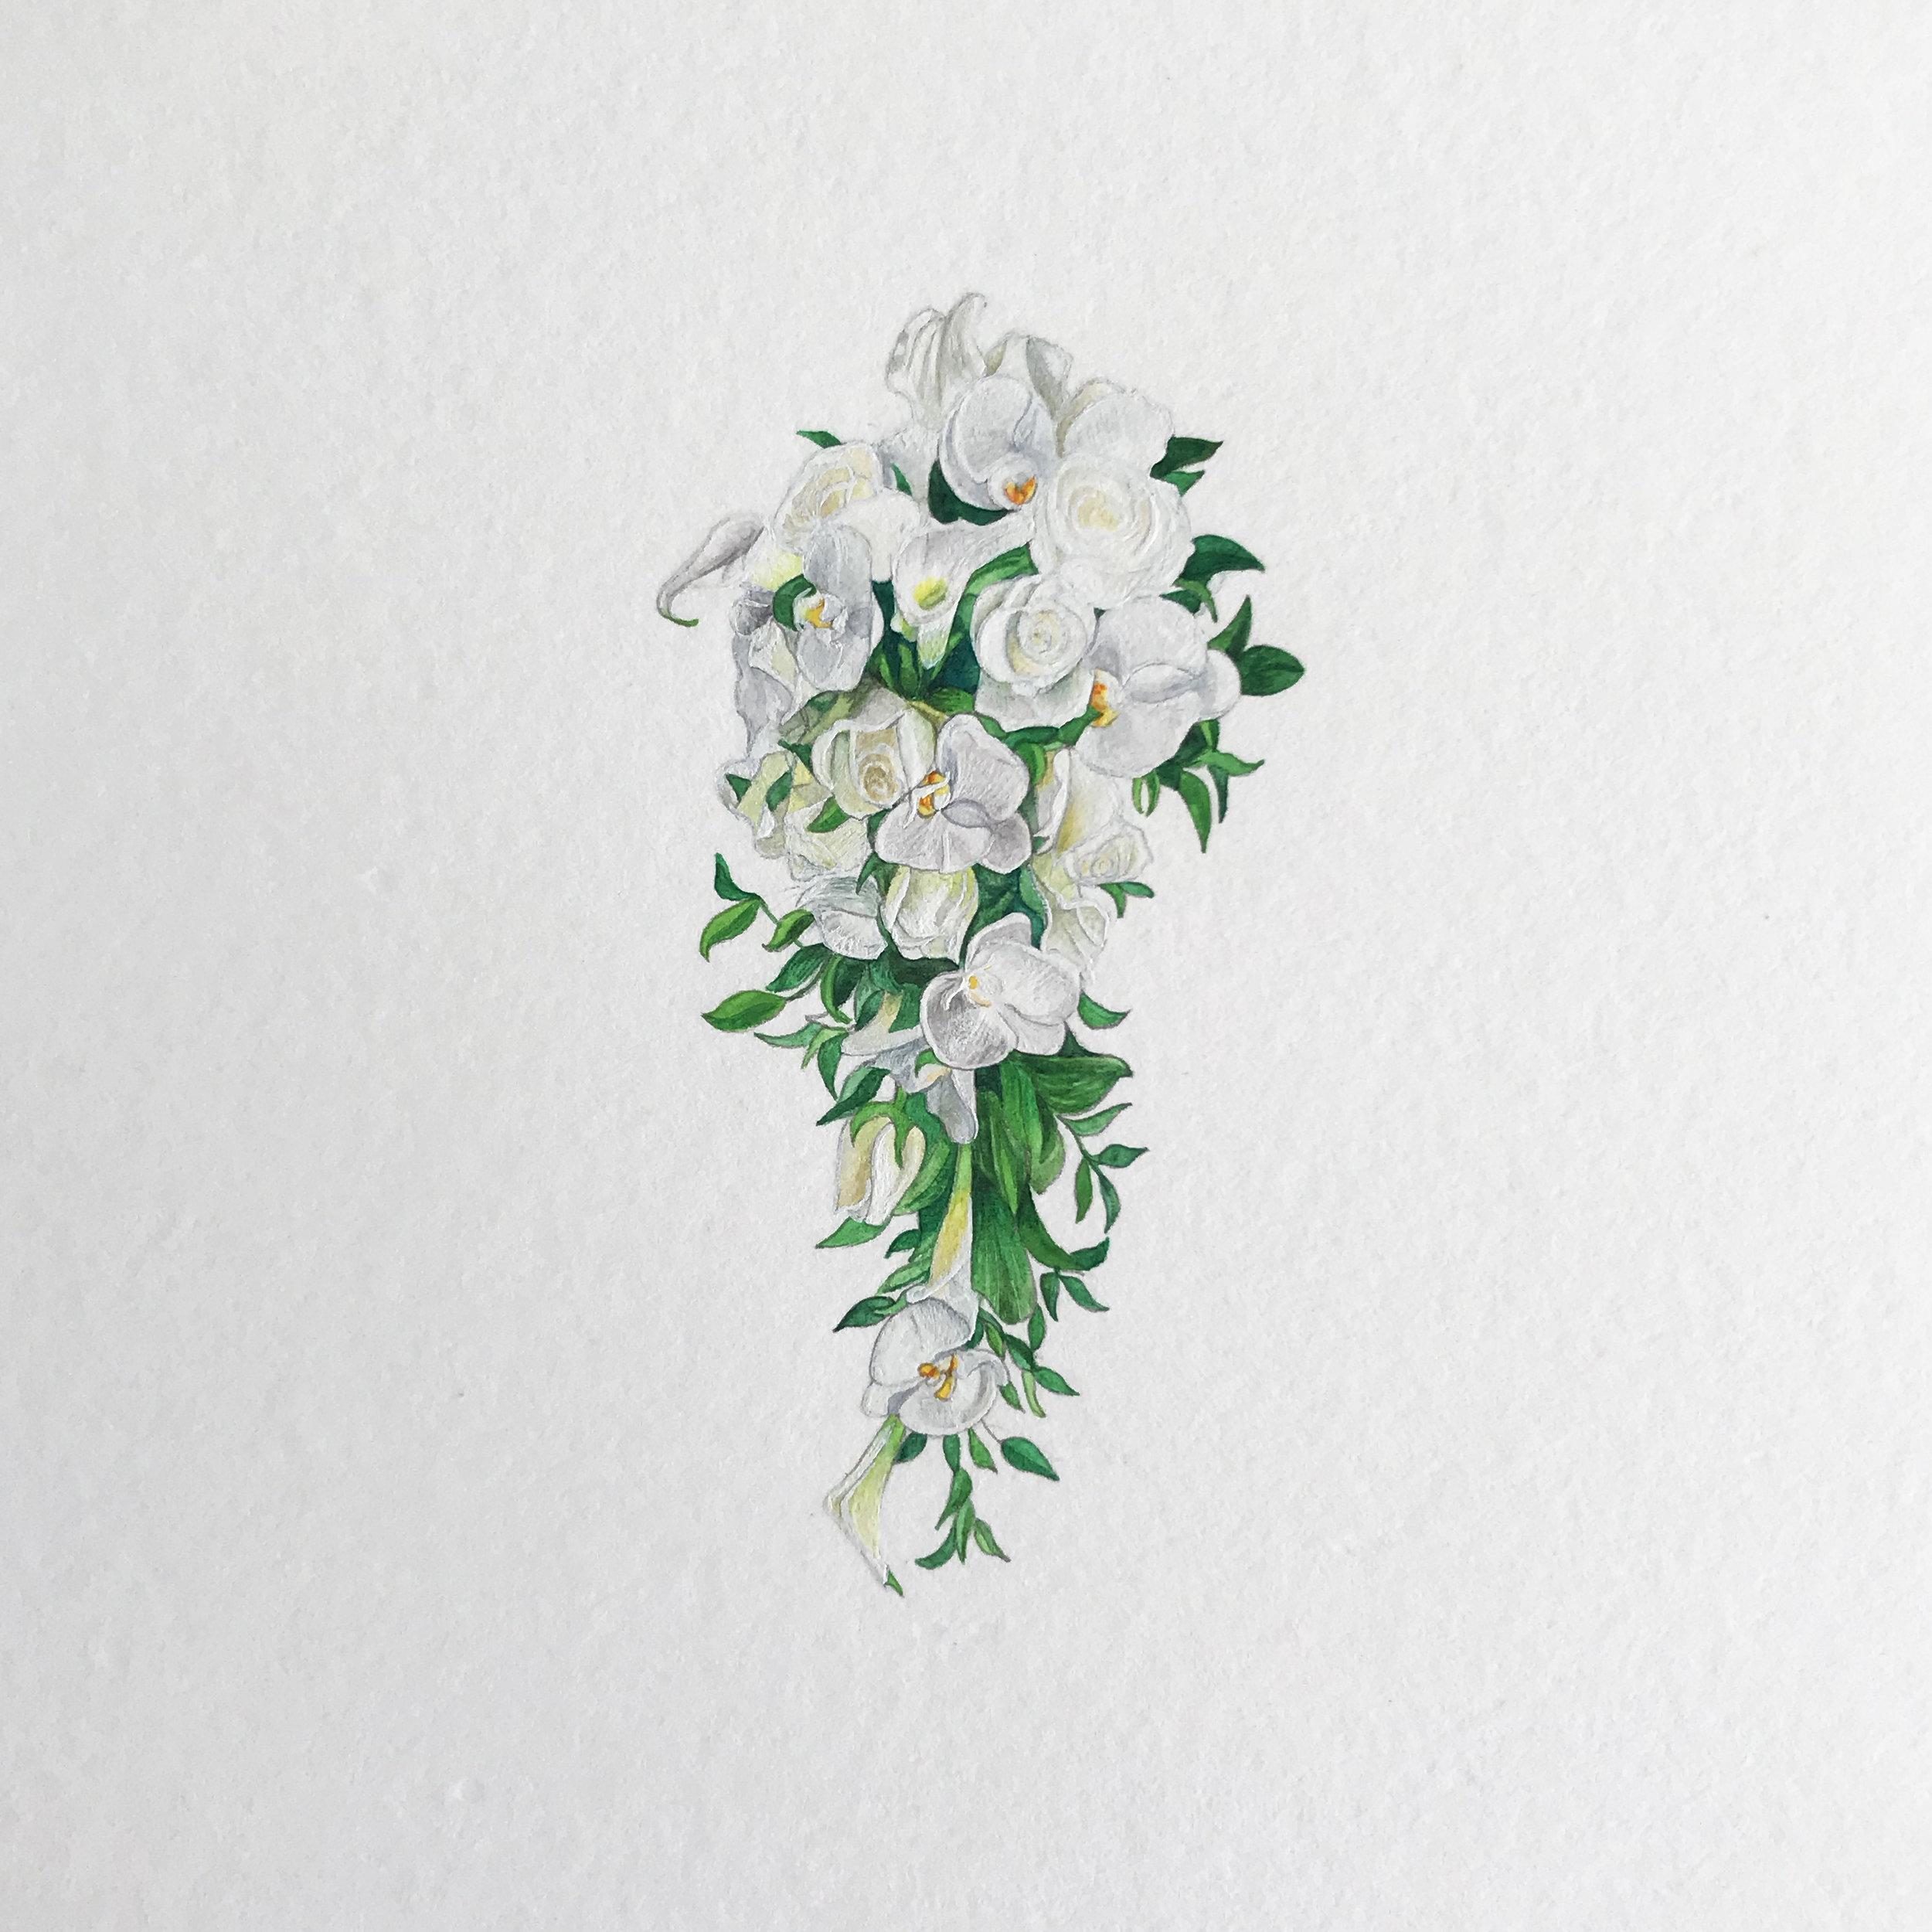 LaleGuralp_Bouquet_B5.jpg